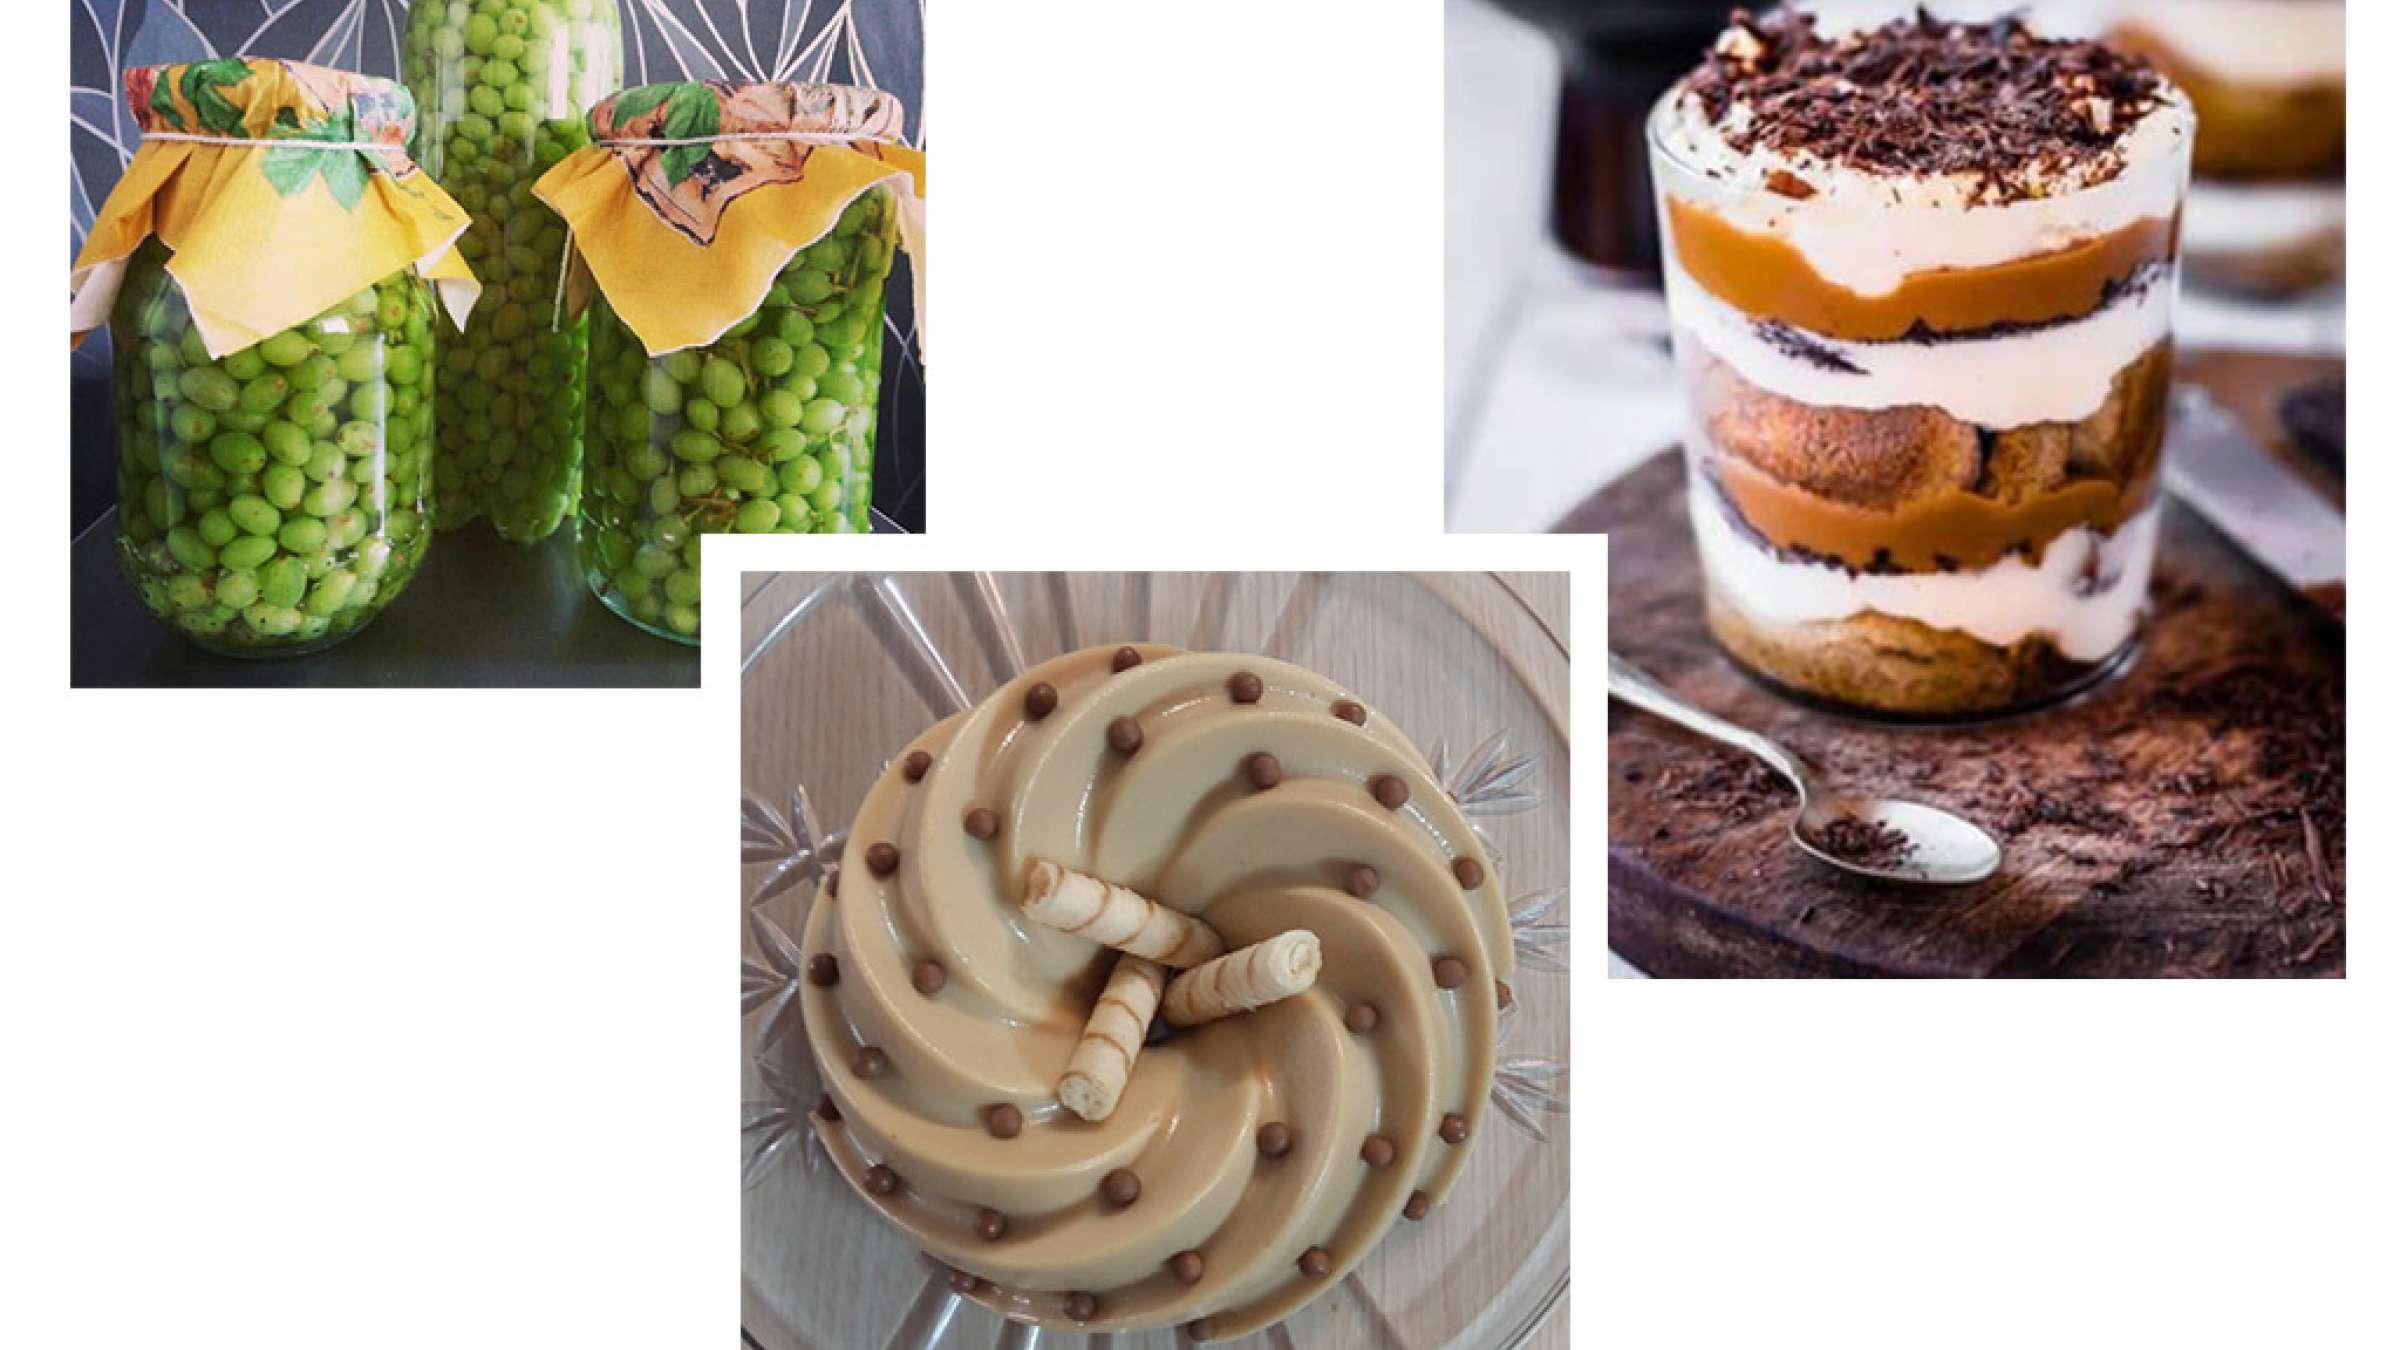 آشپزی-ترابی-دیلات-موز-تیرامیسو-لیوانی